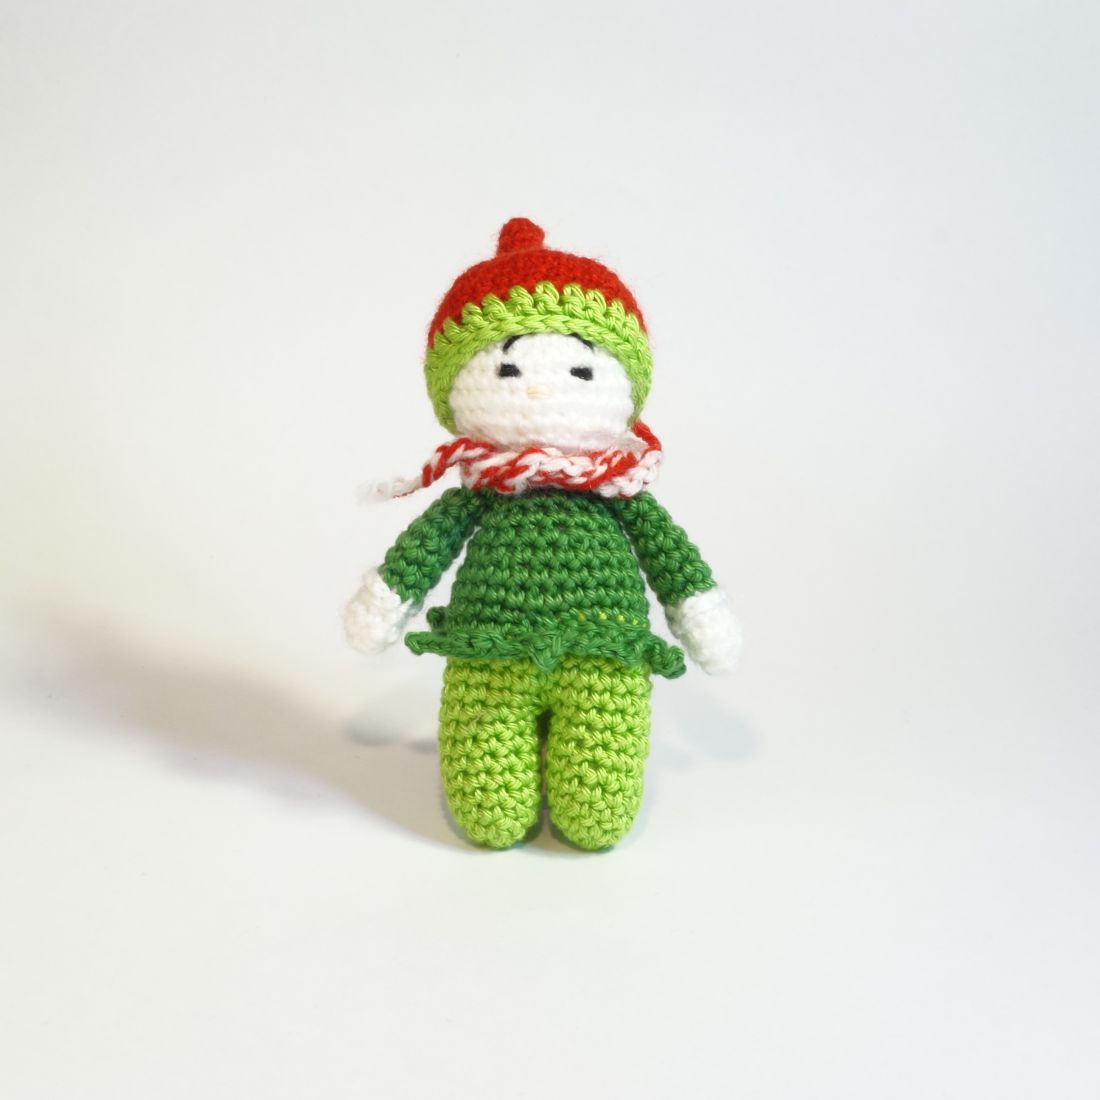 Horgolt, zöld ruhás manó